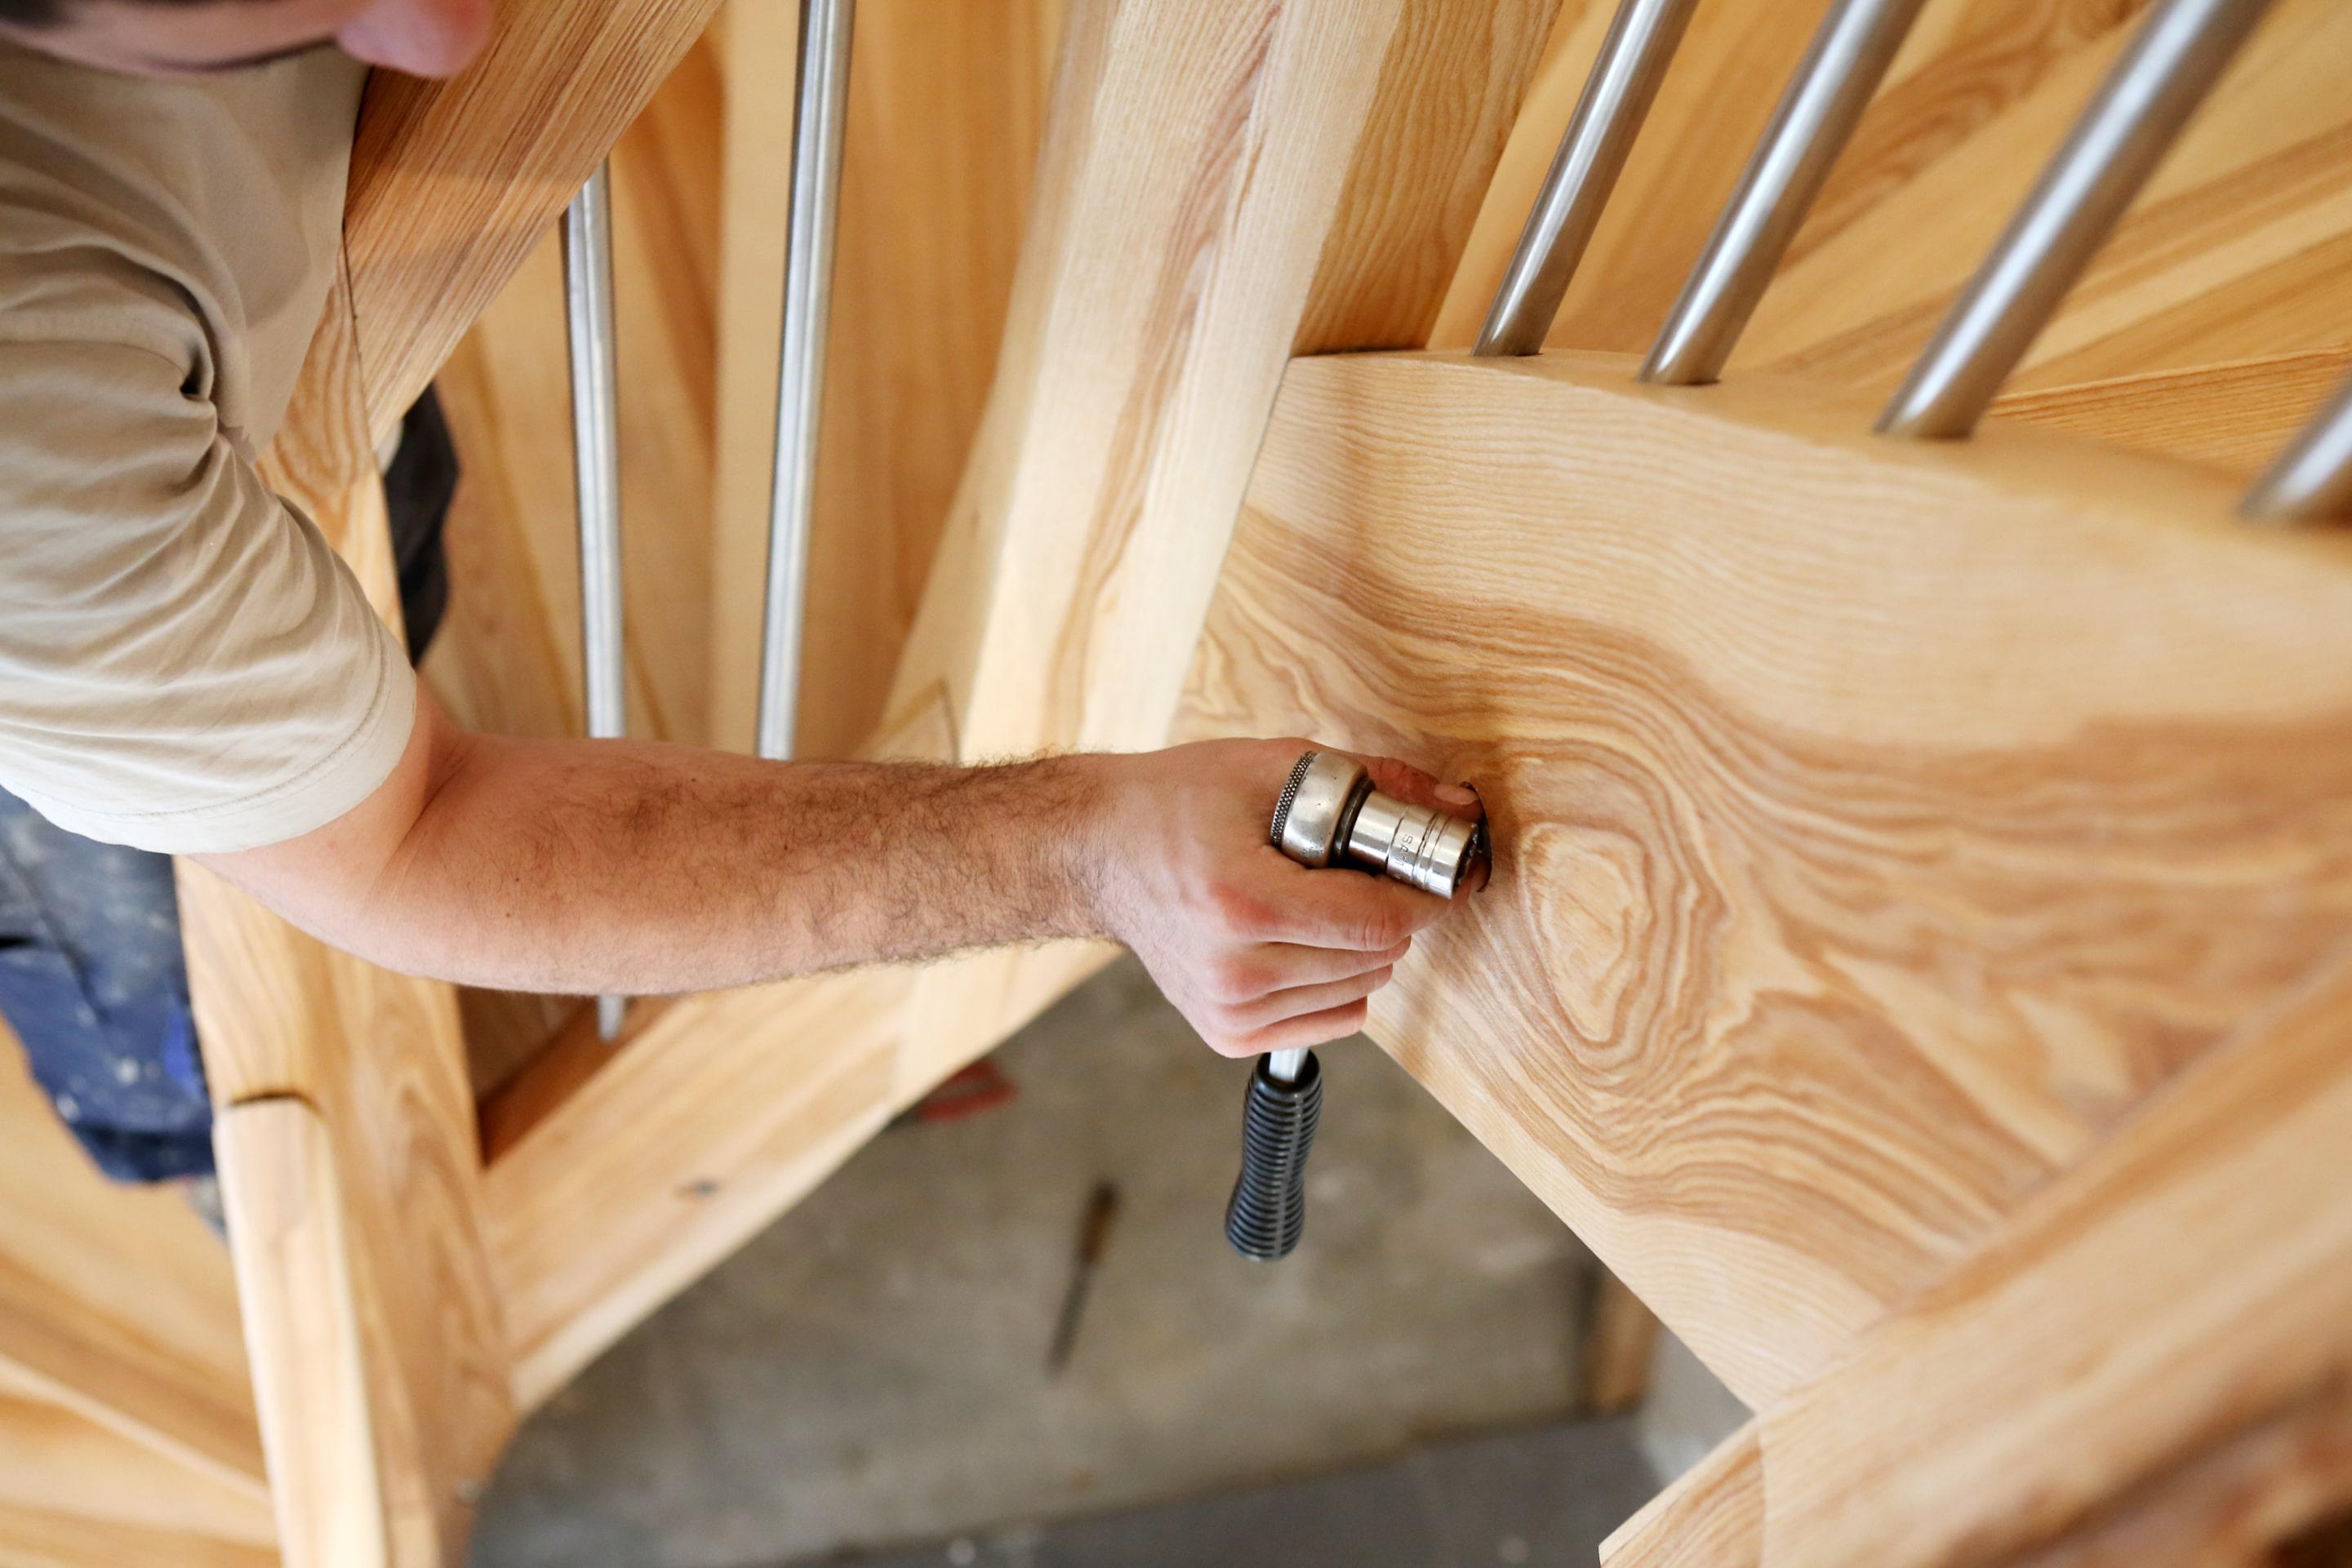 Escalier Beton Exterieur Prix prix de pose d'un escalier